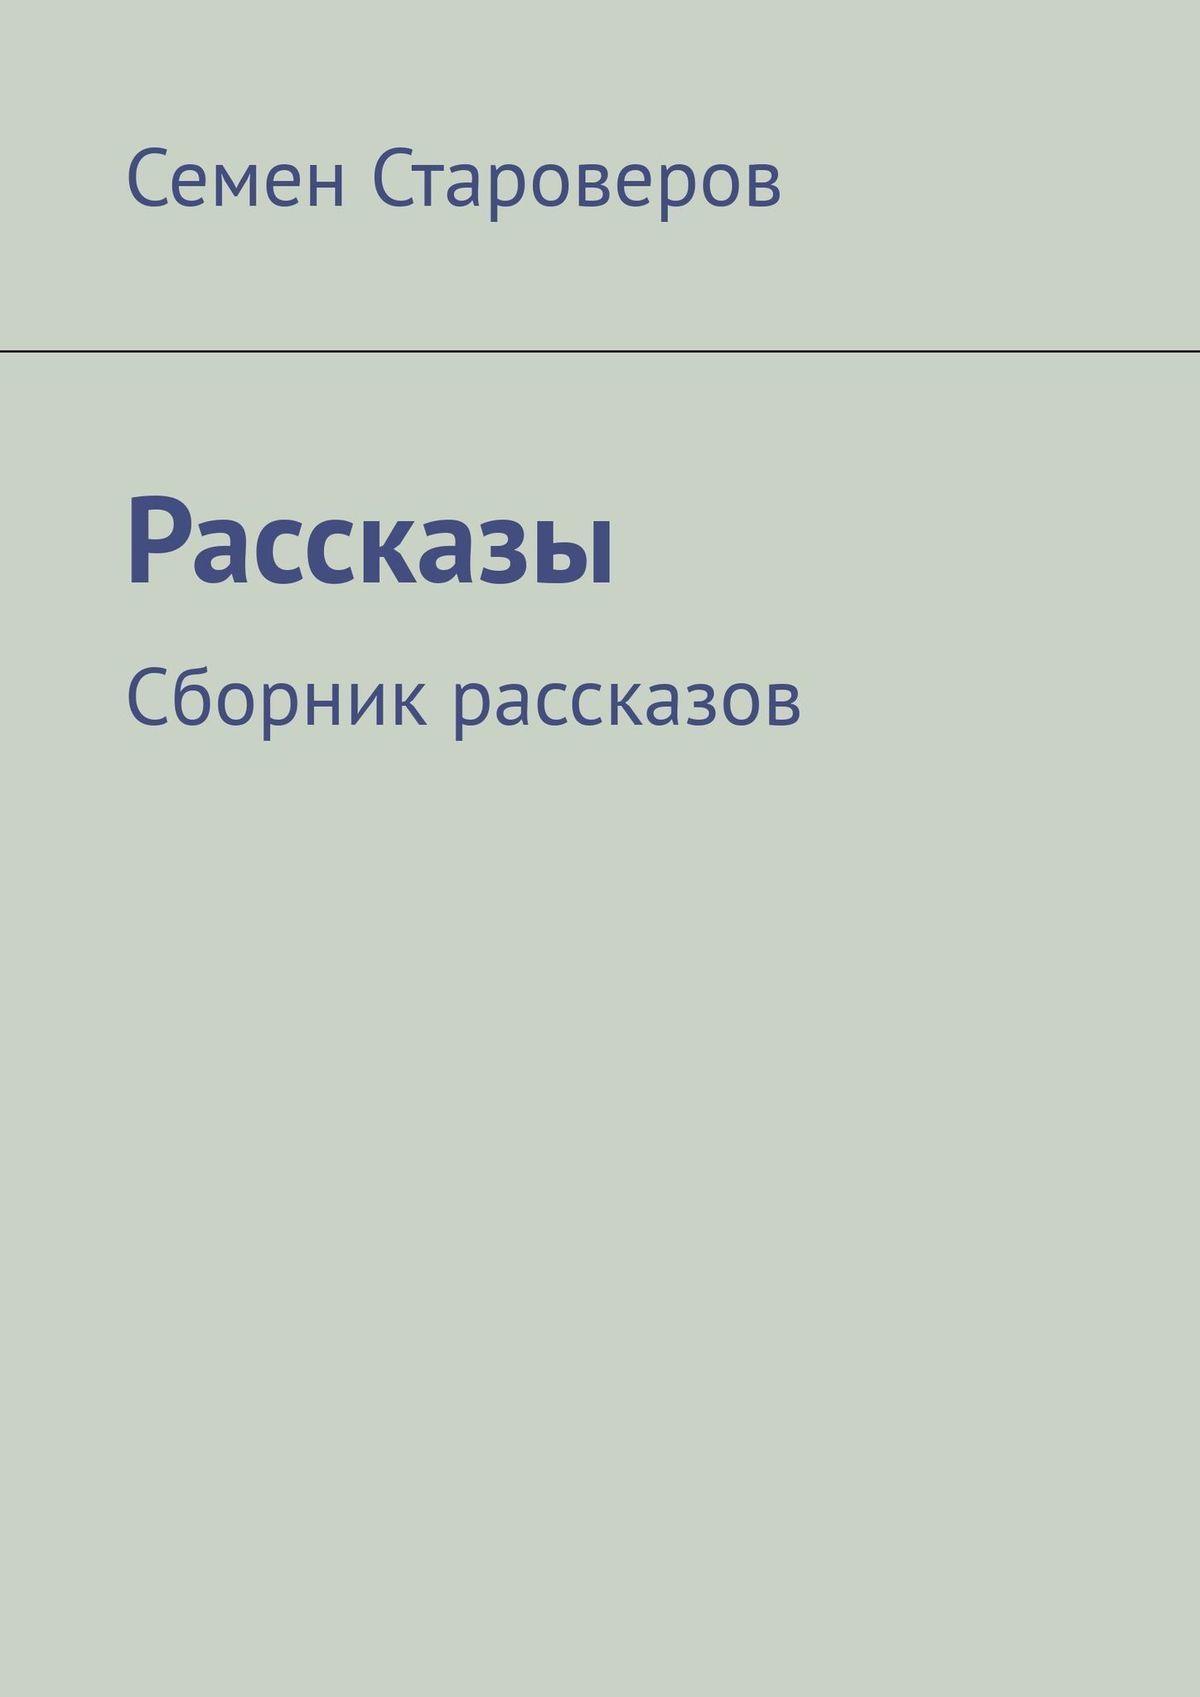 Семен Староверов - Рассказы. Сборник рассказов